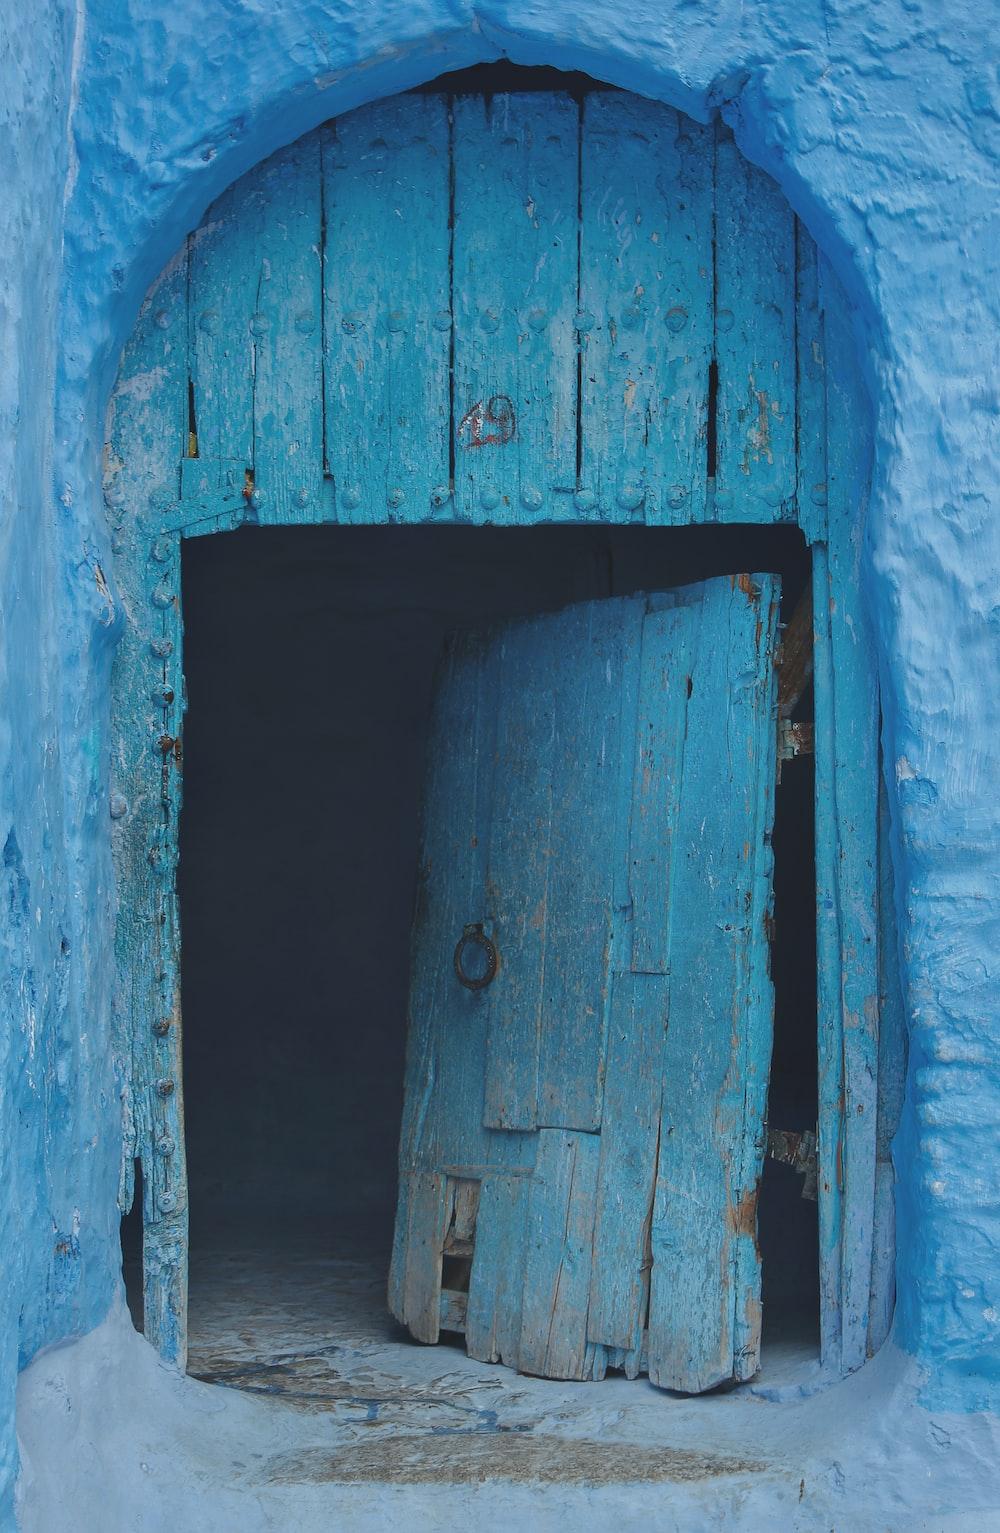 opened blue wooden door